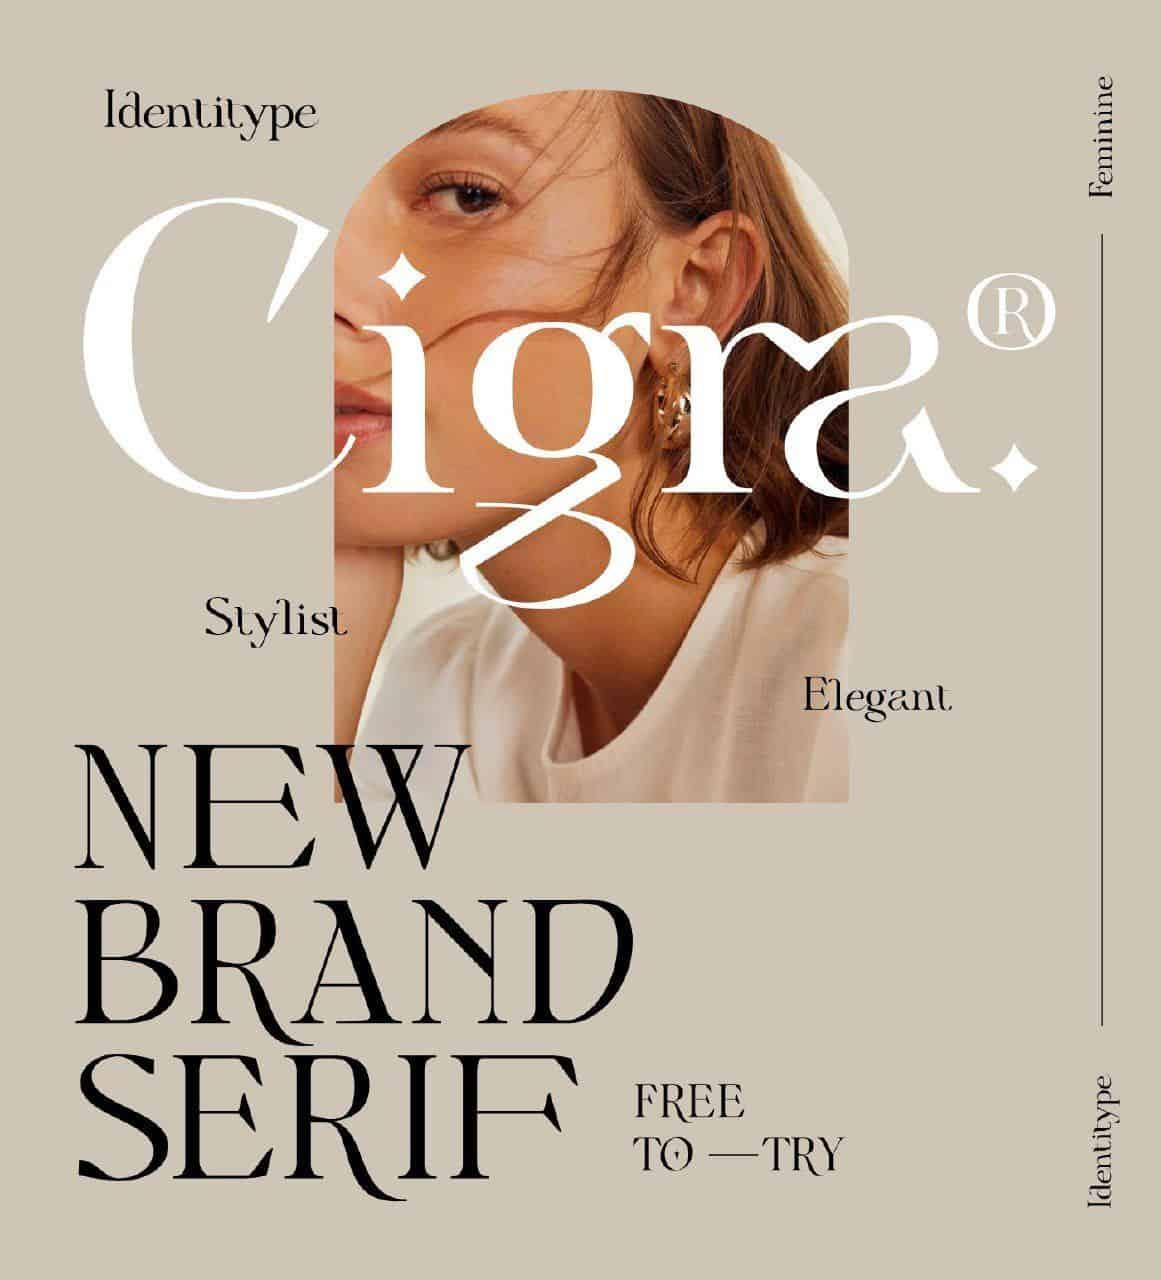 Cigra шрифт скачать бесплатно